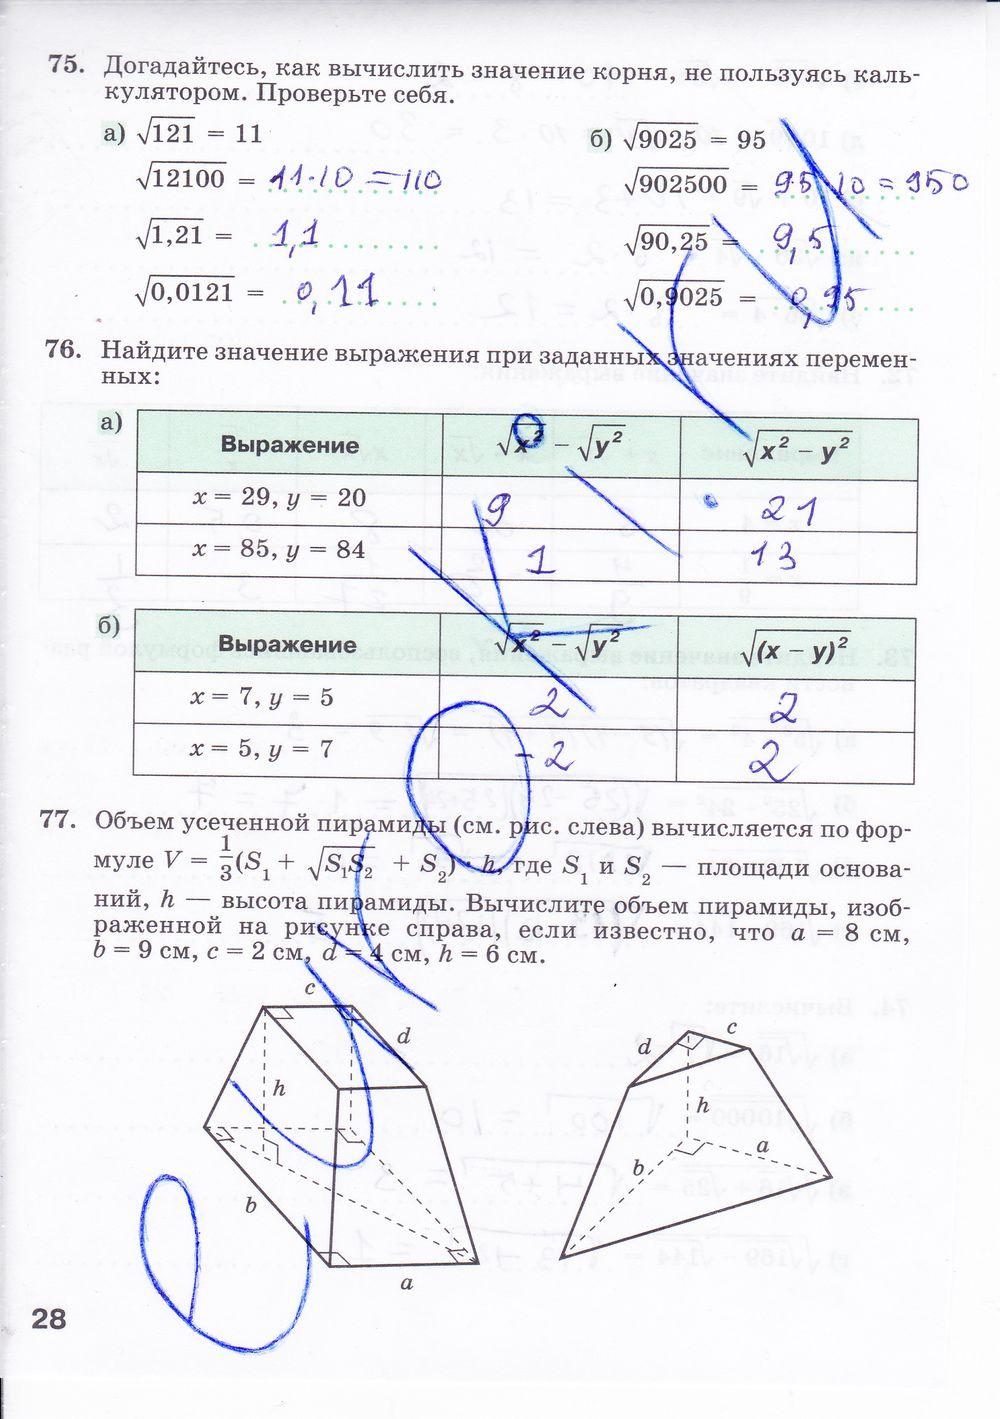 Решебник i 10 класс геометрия белянина белянин швец